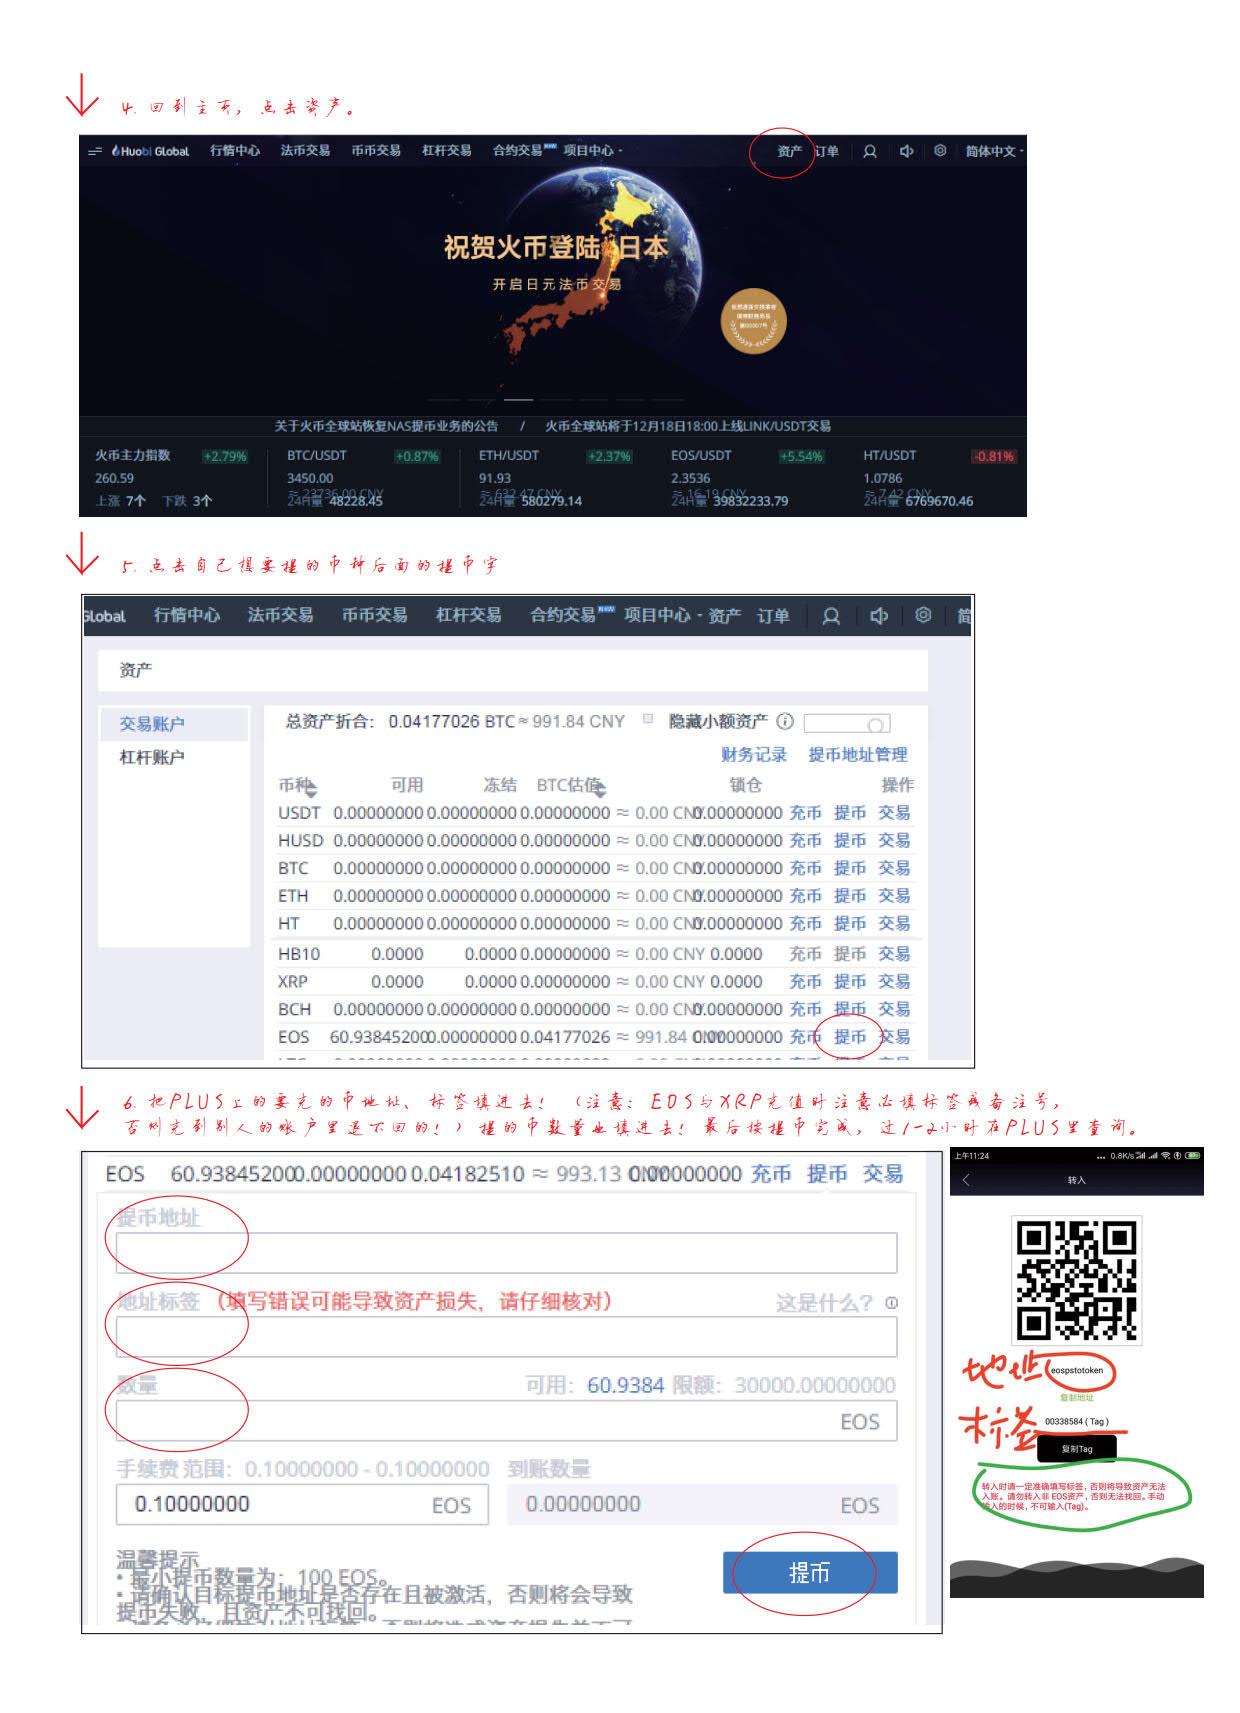 PLUS的注册-买币-卖币等流程_6.jpg